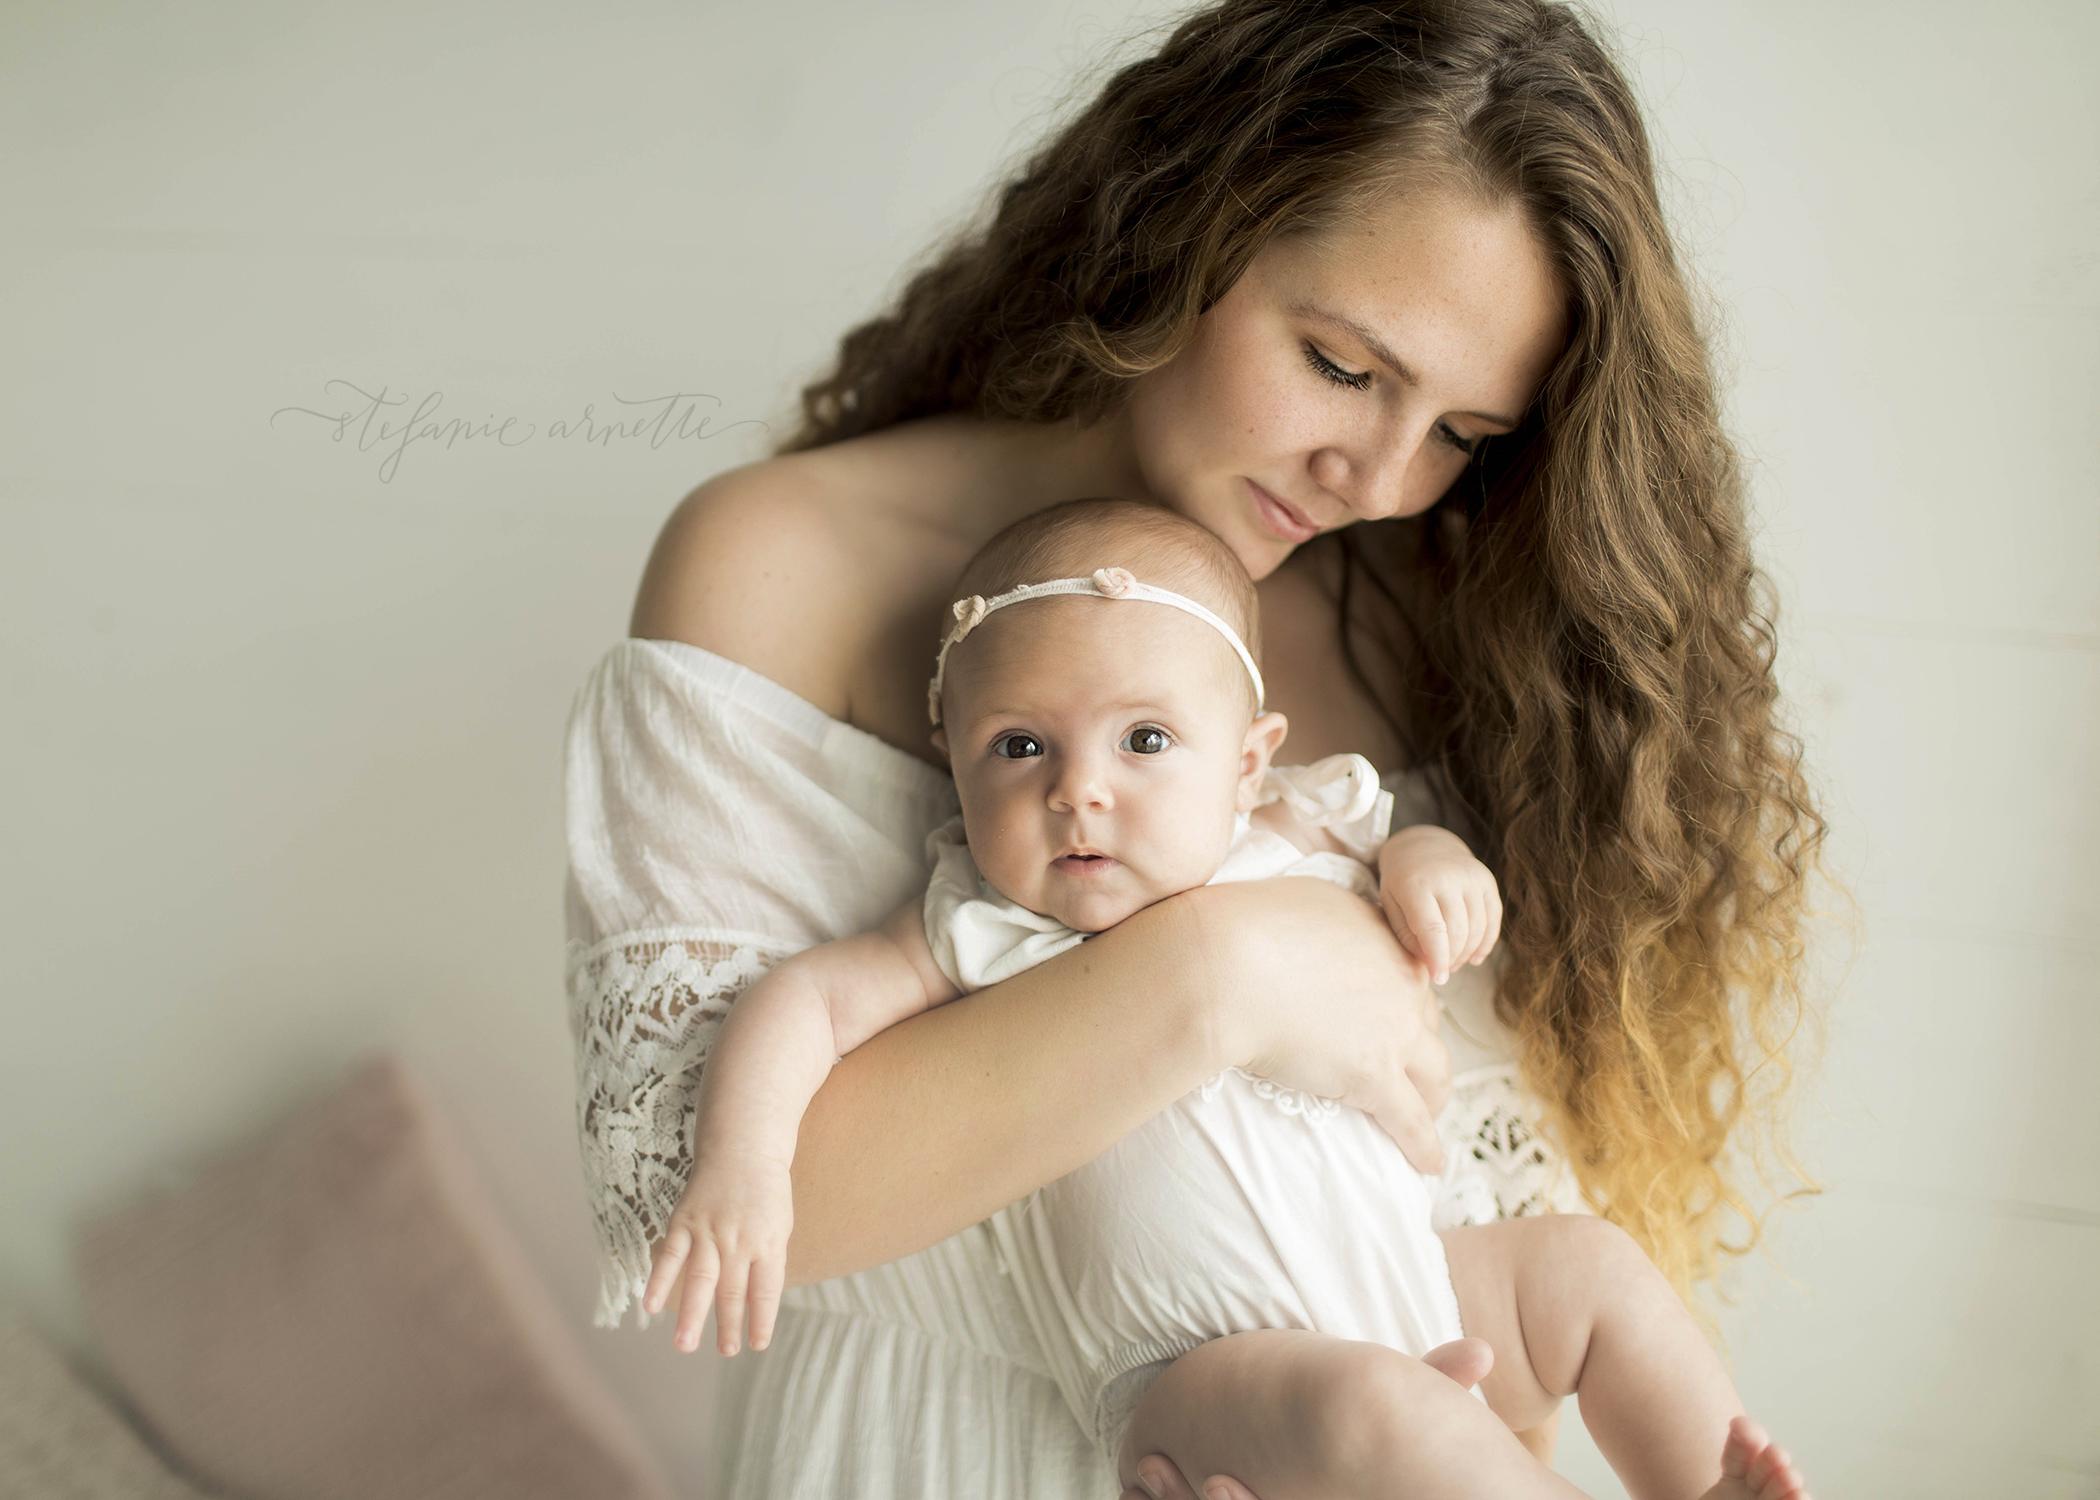 mommy_19.jpg